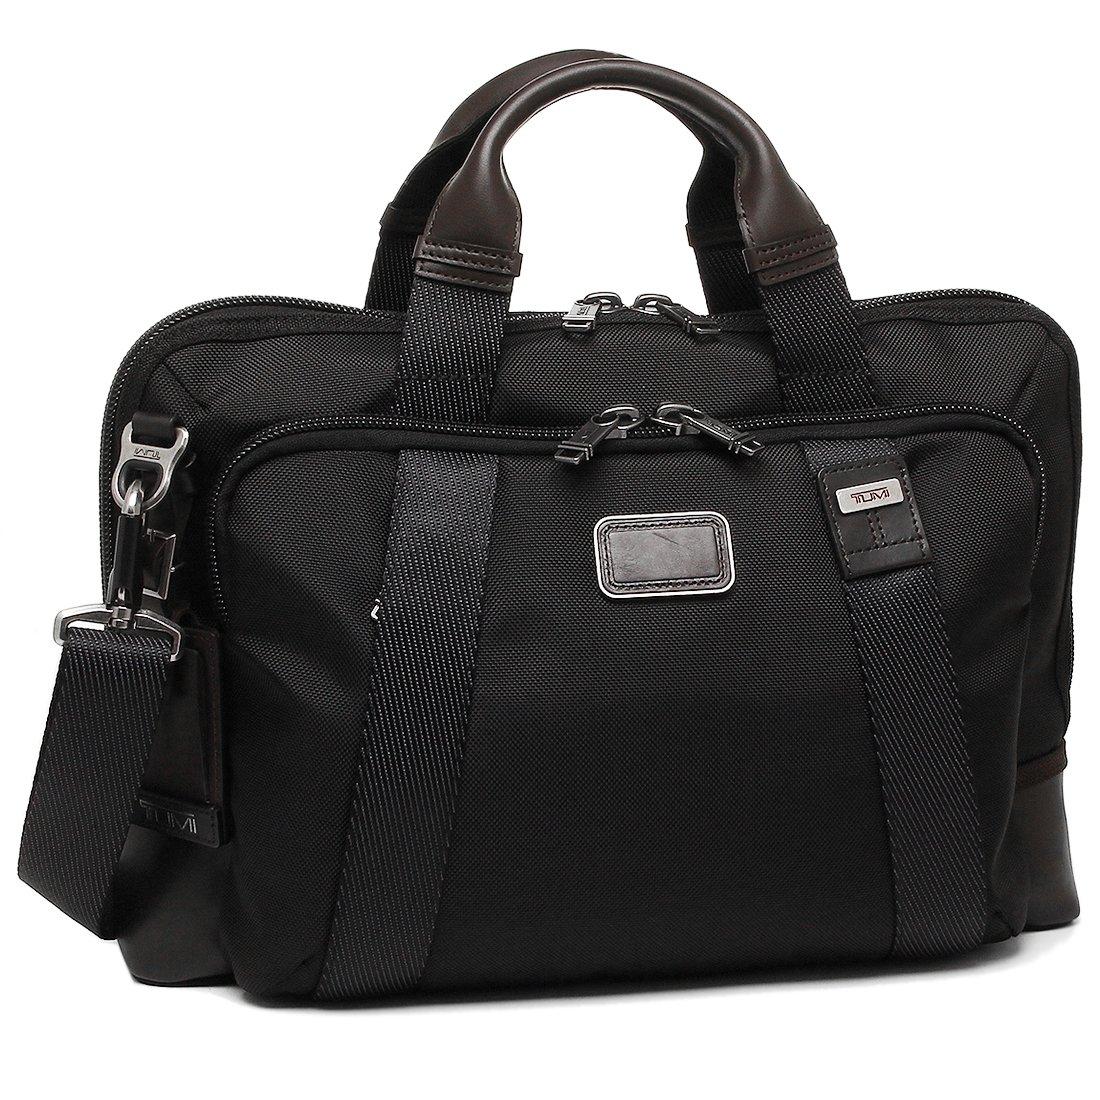 [トゥミ] ビジネスバッグ メンズ TUMI 222642 HK2 ブラック [並行輸入品]   B075KTSYSM